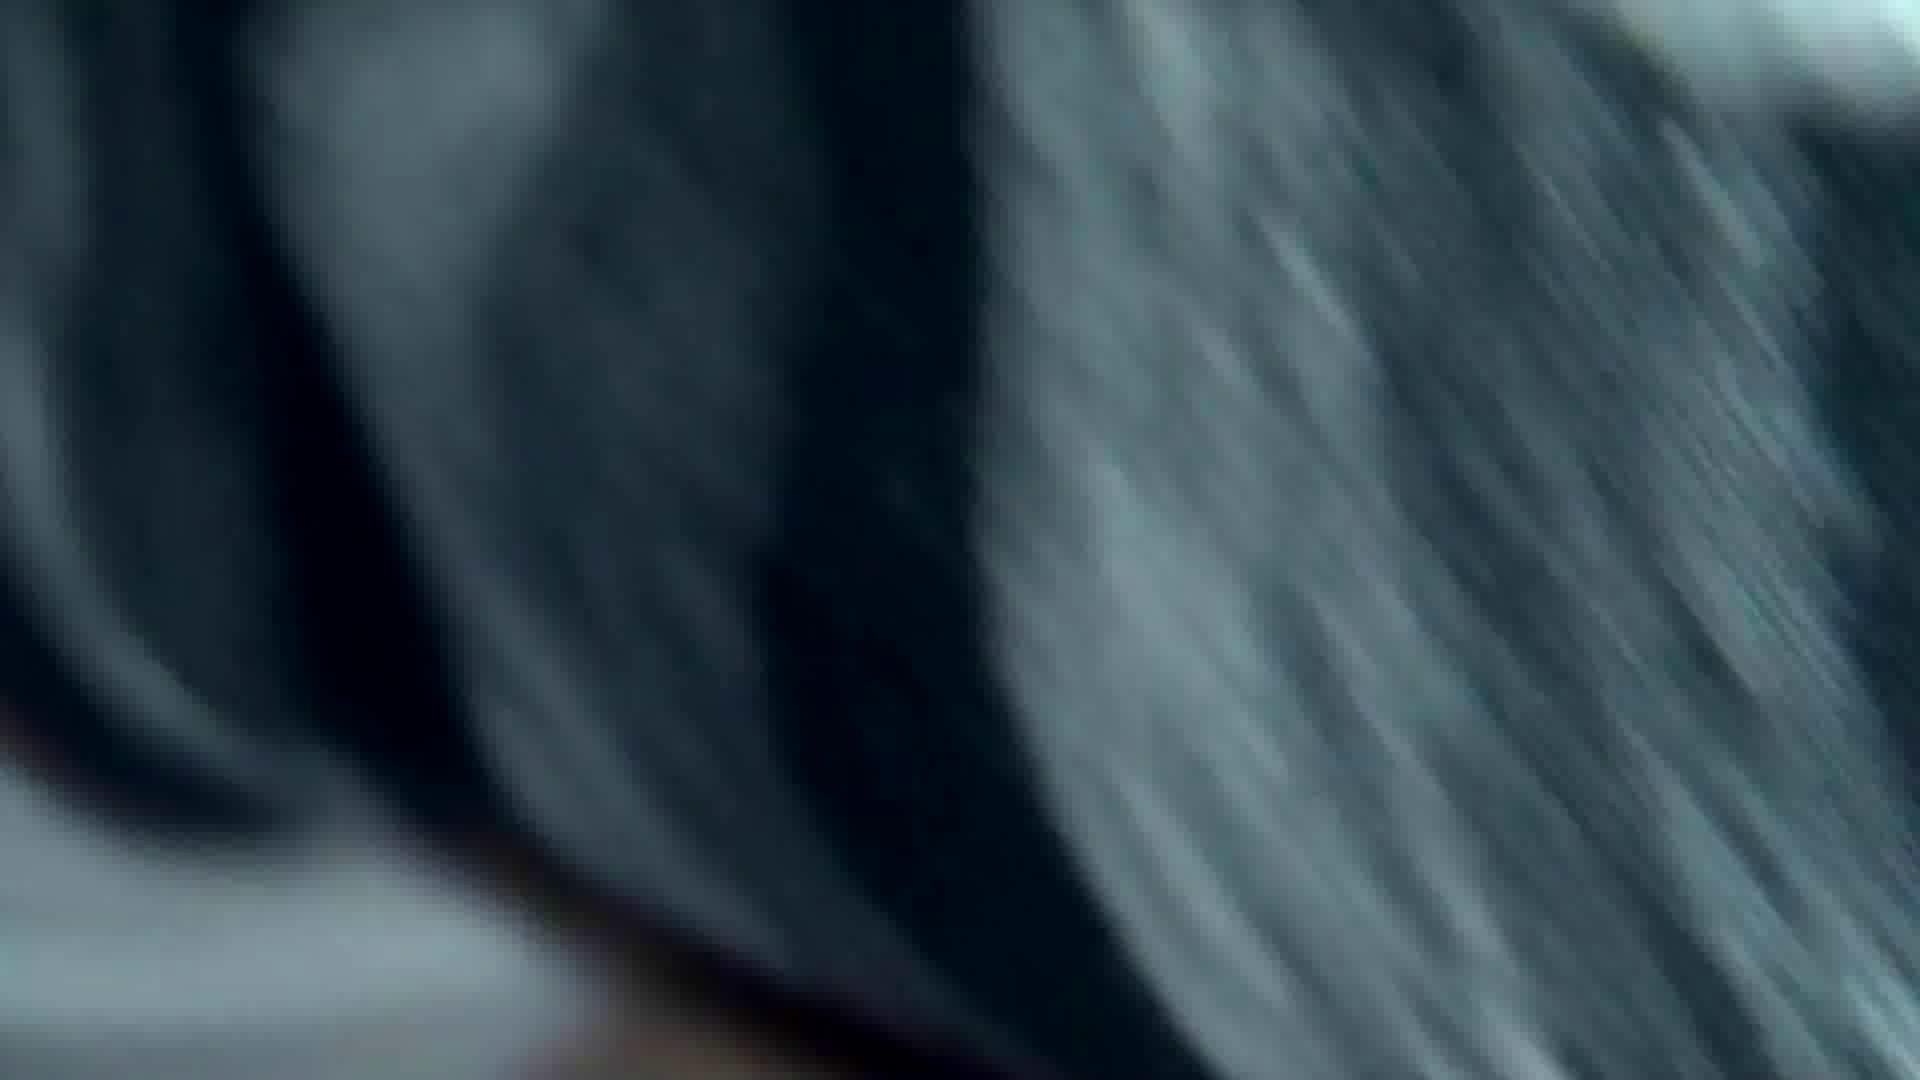 vol.34 【AIちゃん】 黒髪19歳 夏休みのプチ家出中 1回目 ホテル ワレメ動画紹介 55PIX 8